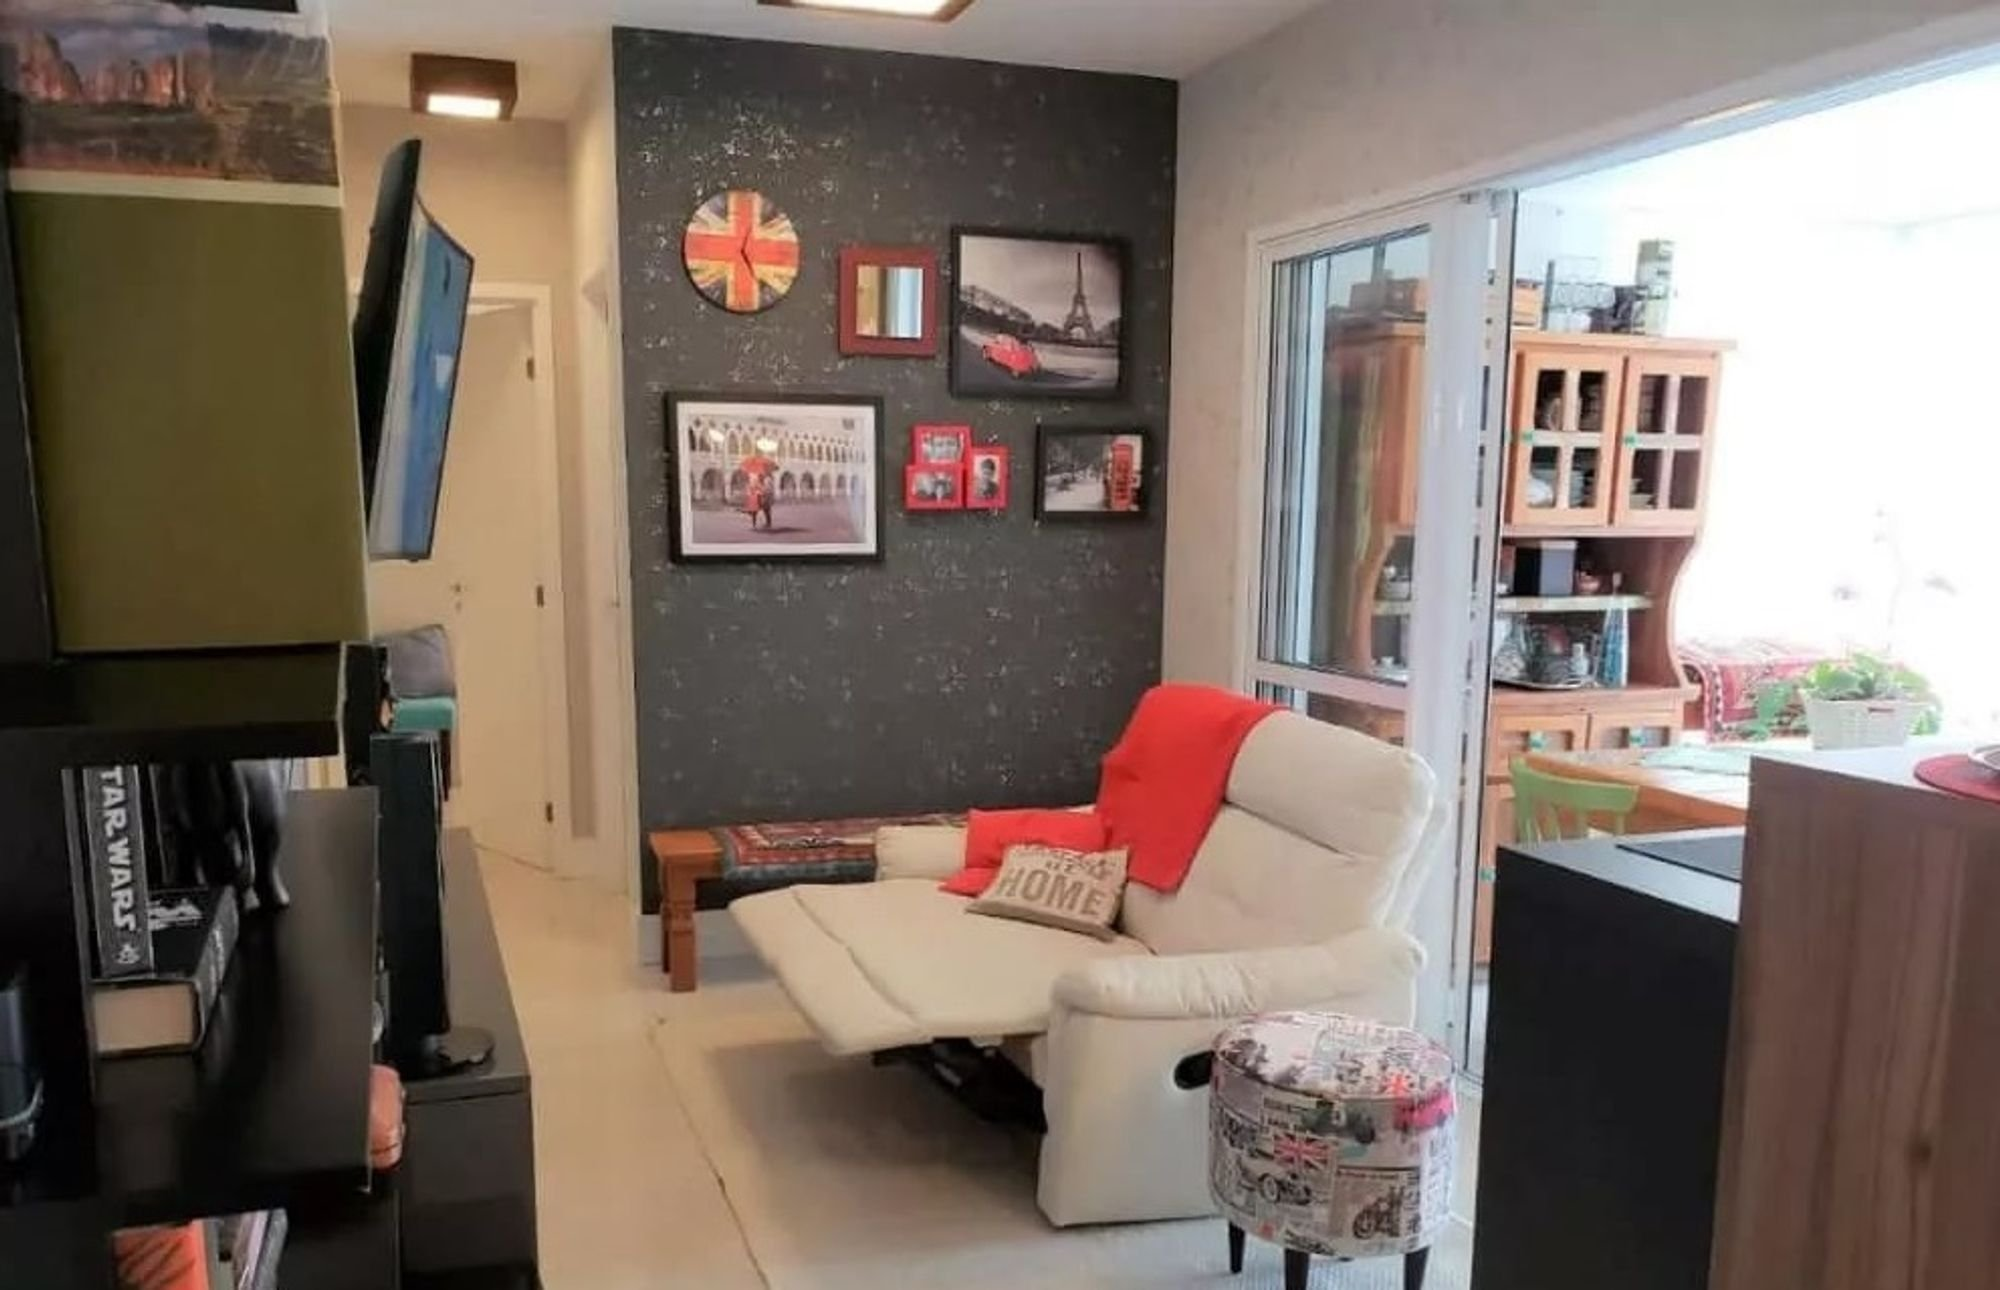 Foto de Sala com vaso de planta, sofá, televisão, relógio